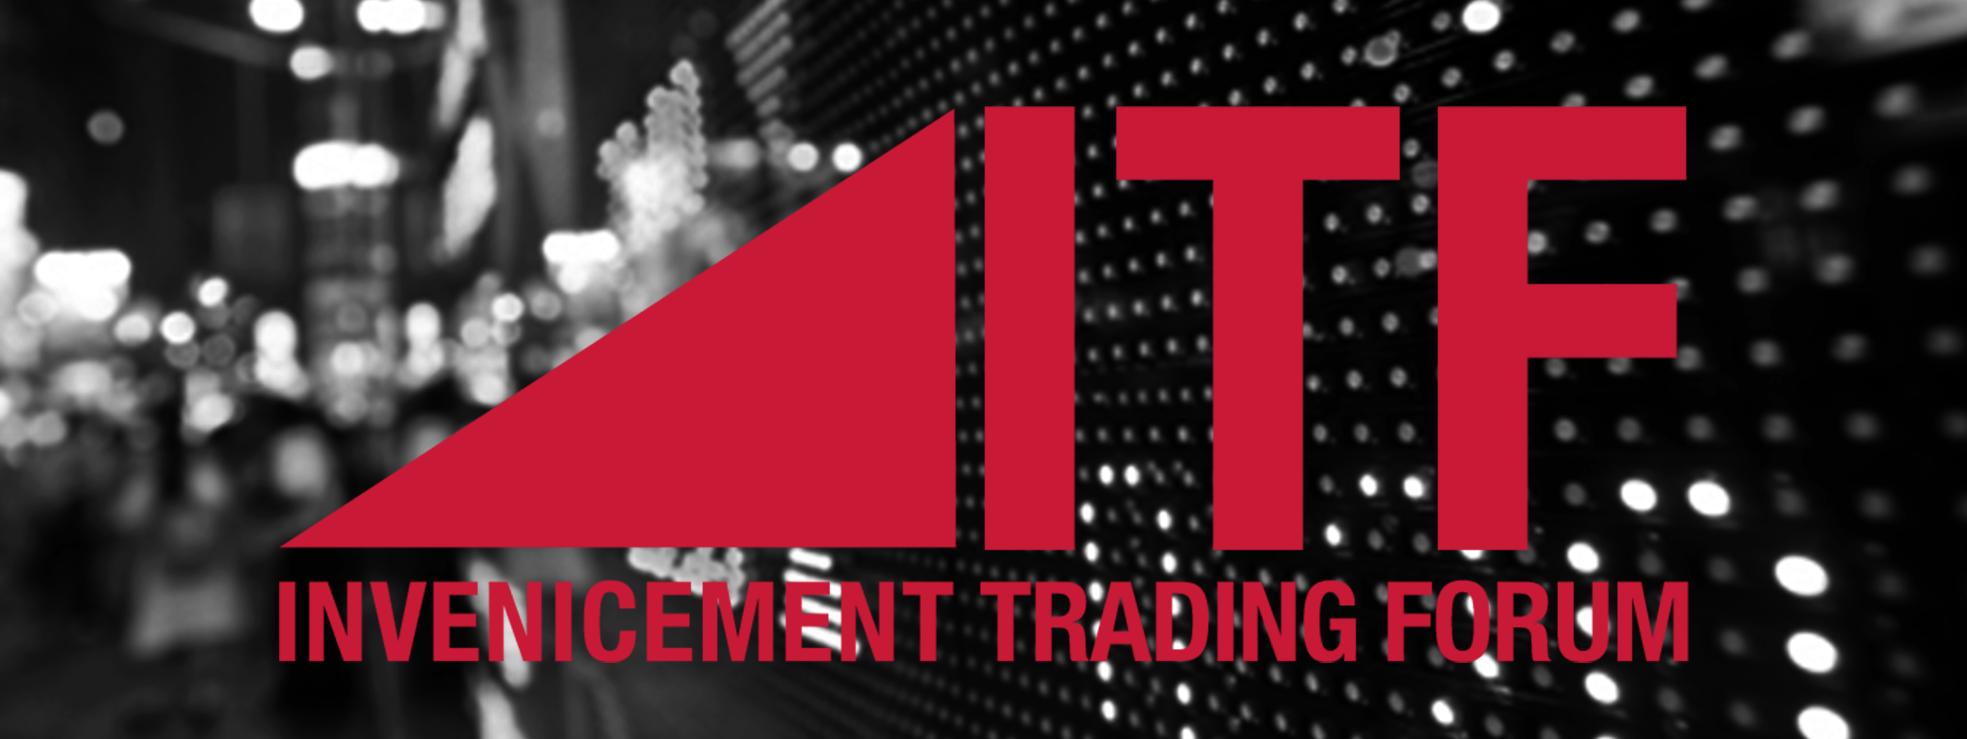 Invenicement Trading Forum